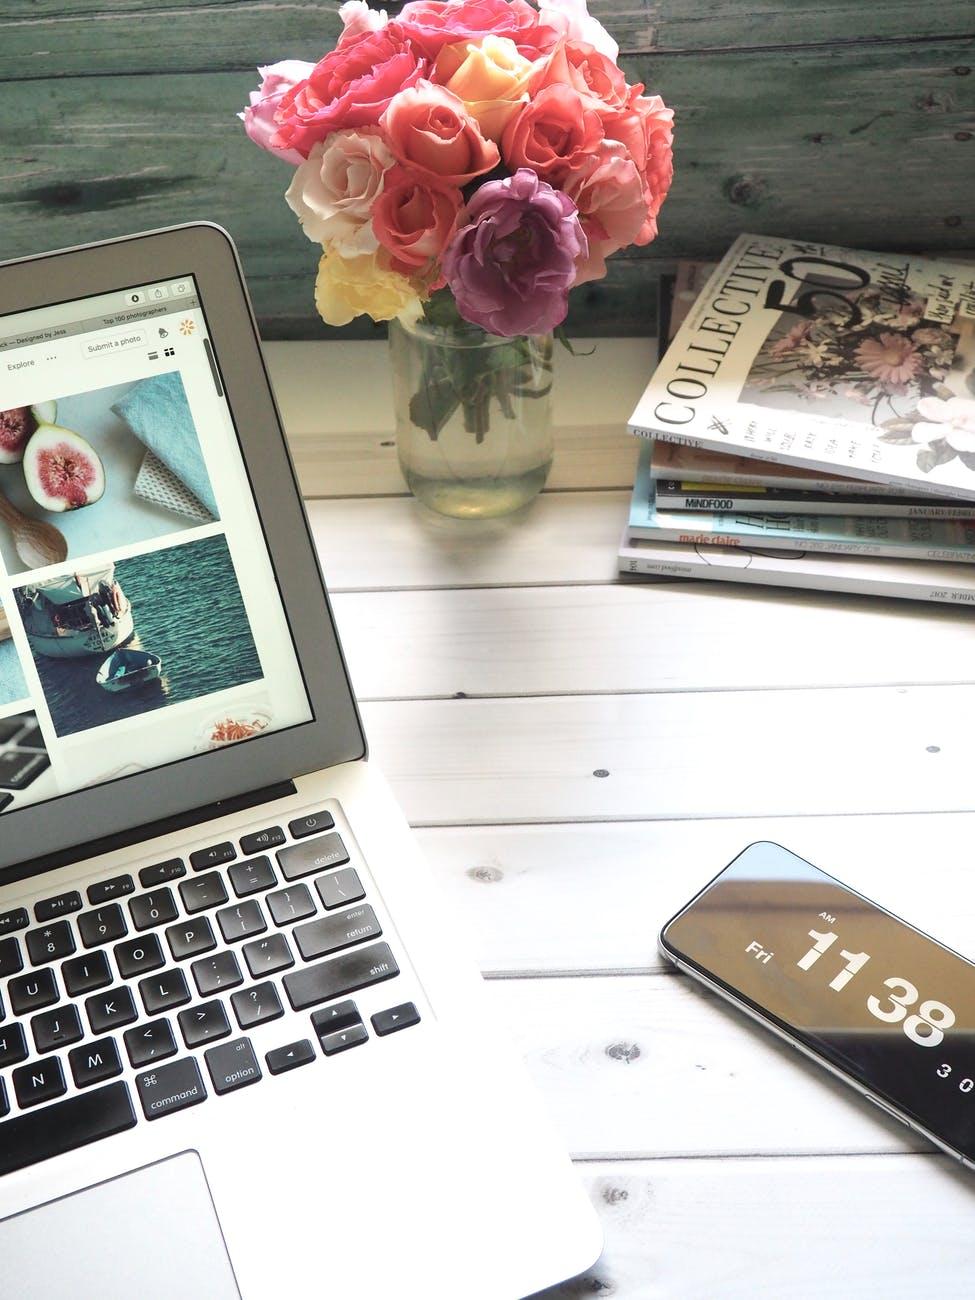 3 טיפים: כל מה שצריך לדעת על כתיבת בלוג מוצלח